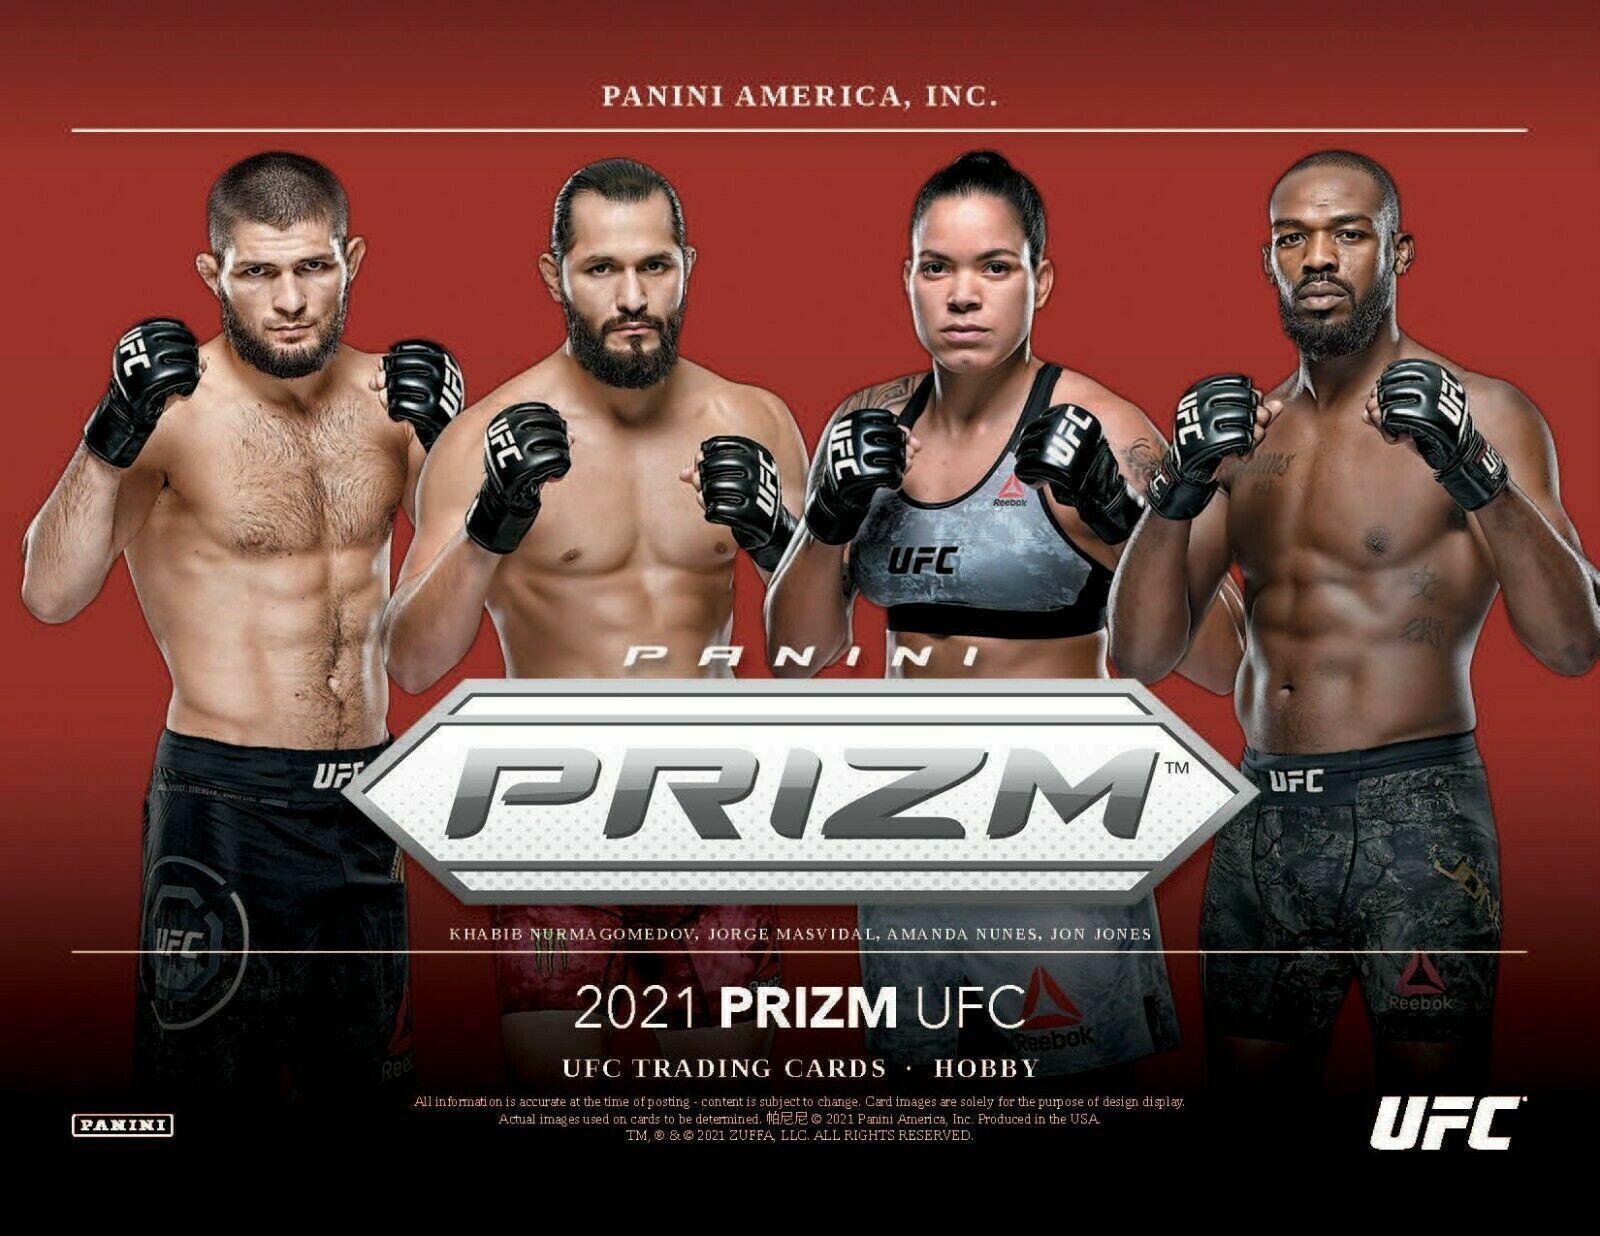 MAURICIO SHOGUN RUA 2021 PANINI PRIZM UFC 1/3 CASE 4 BOX FIGHTER BREAK 2 - $14.99